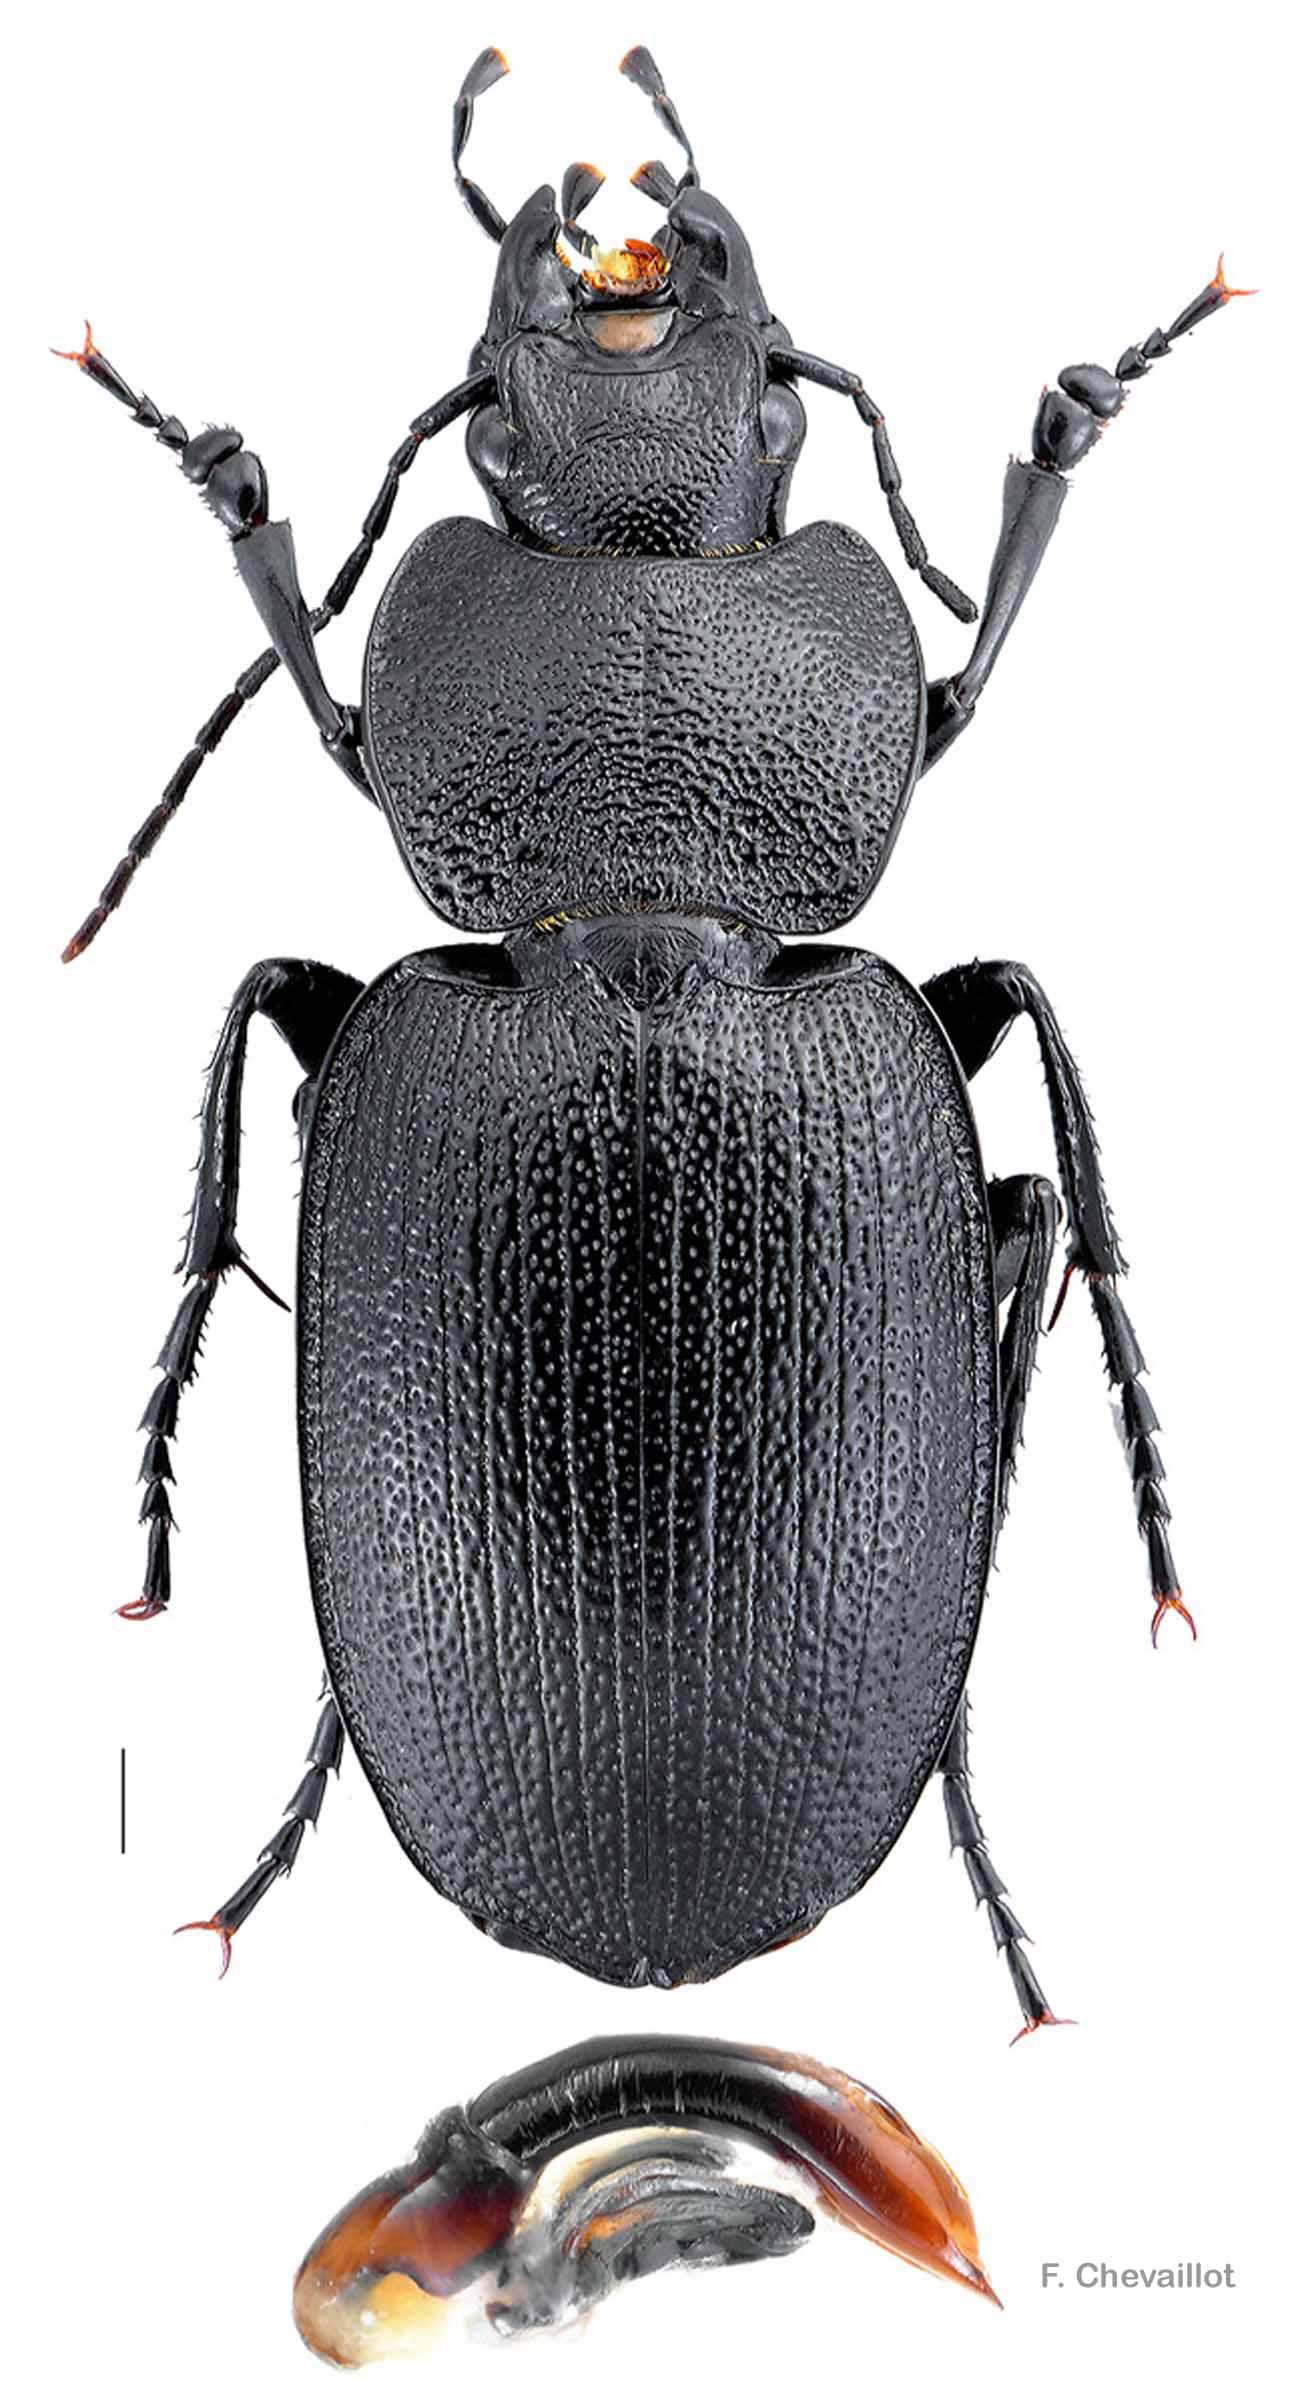 Licinus planicollis